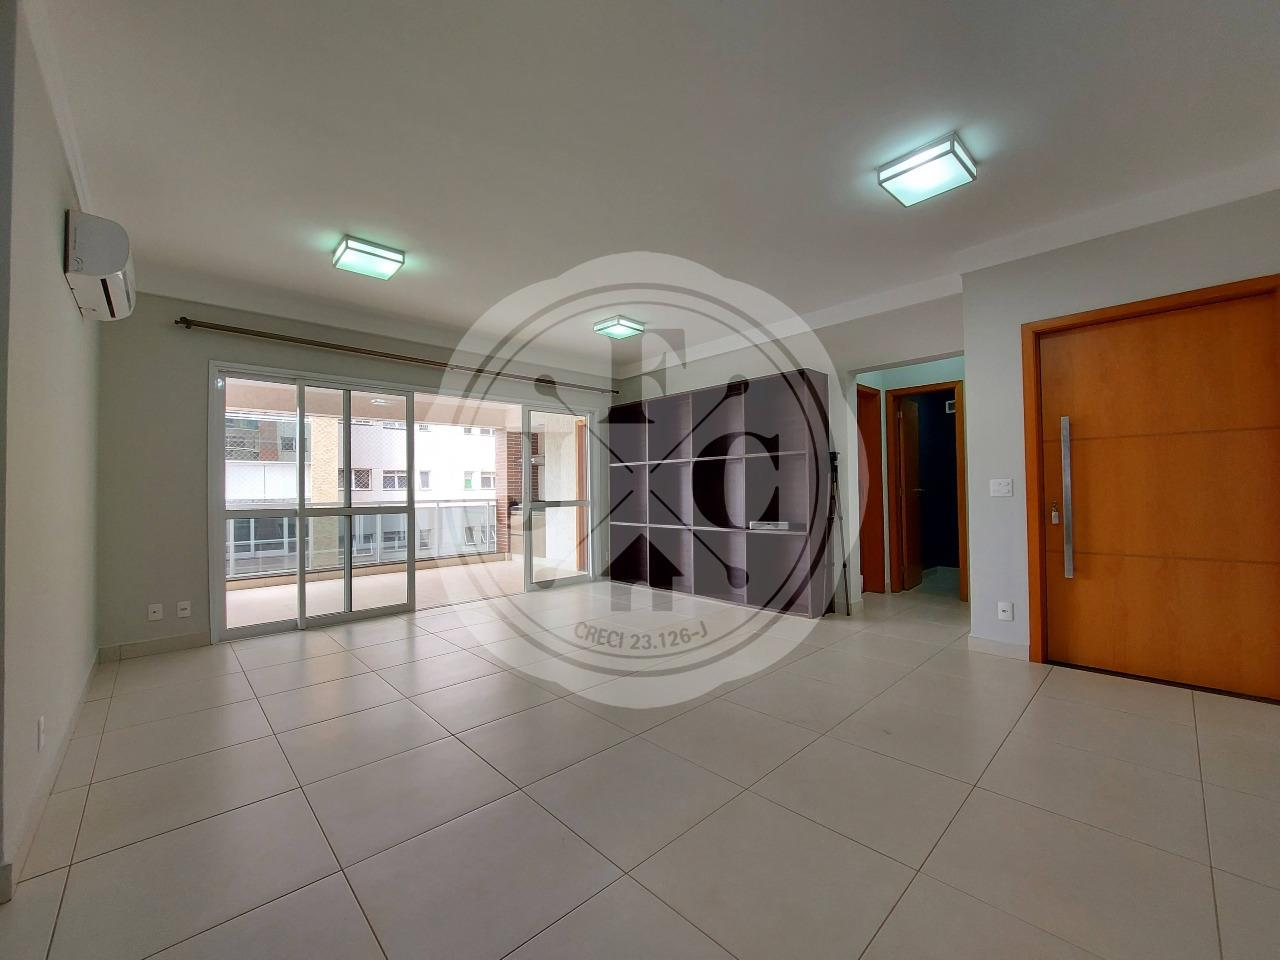 Exclusivo apartamento para locação com 3 suítes ao lado do Parque Carlos Raya.